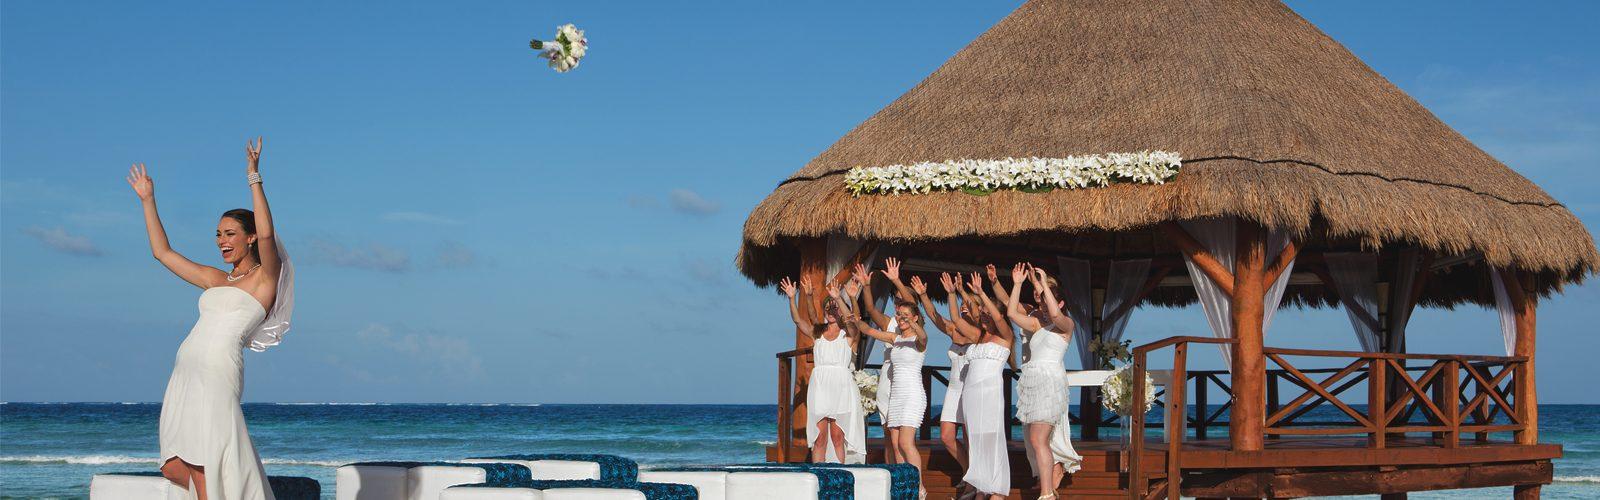 Best Adult Only Wedding Resorts Header 2